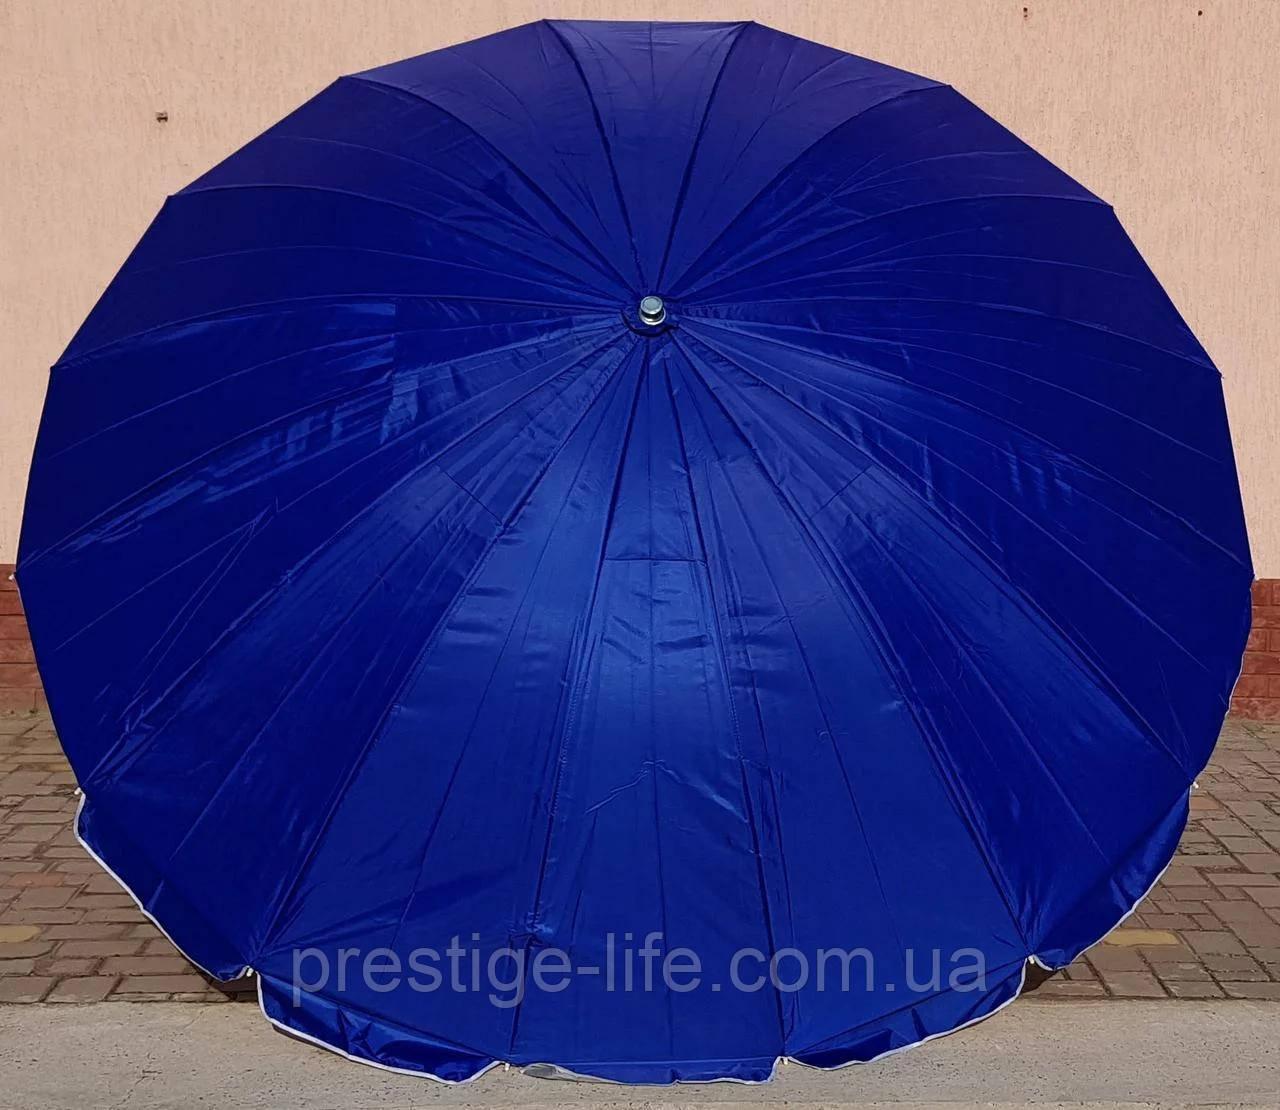 Торговый, садовой, пляжный Зонт диаметром 3,5 м с клапаном. 16 спиц. Синий